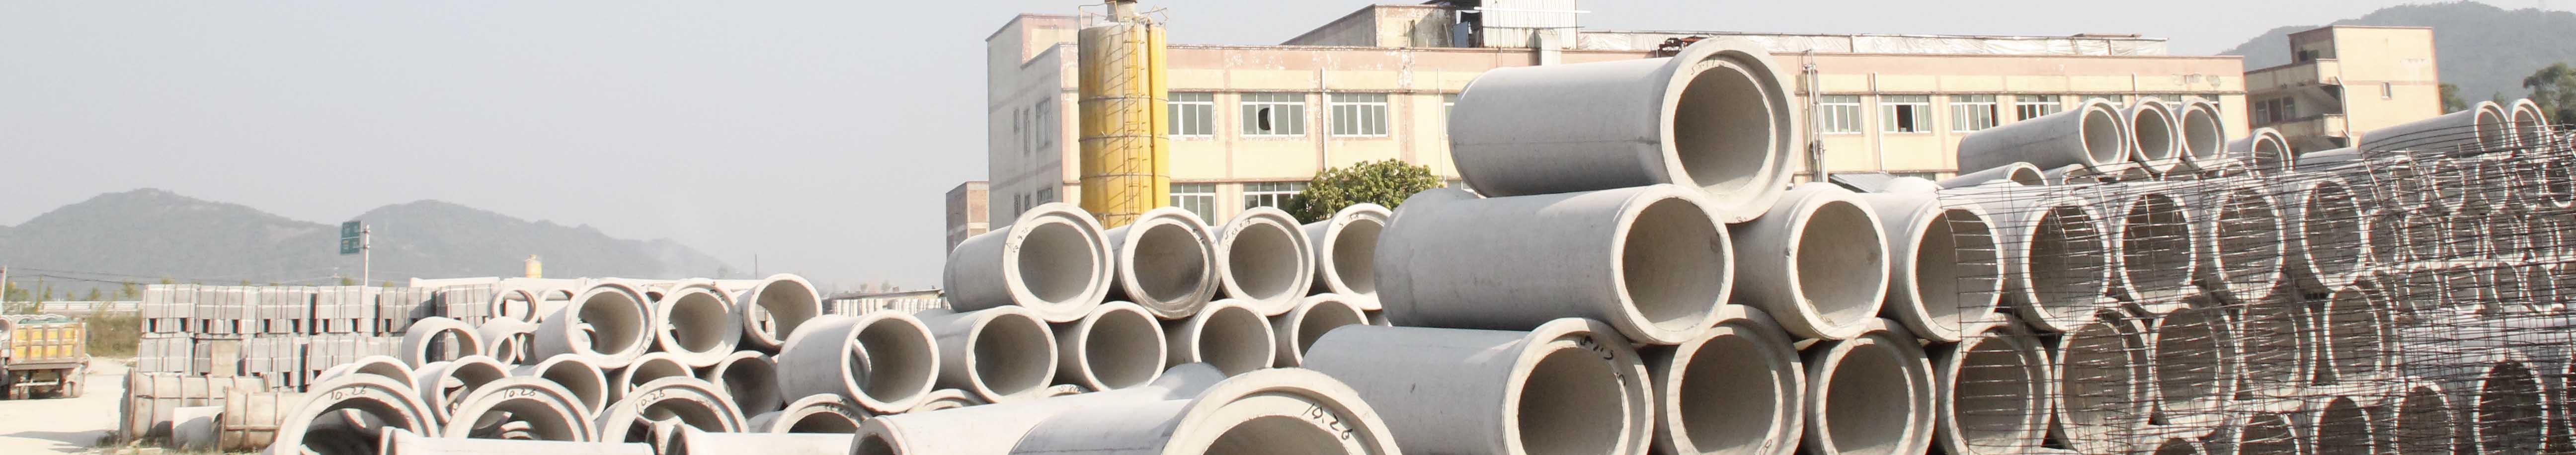 水泥制品厂